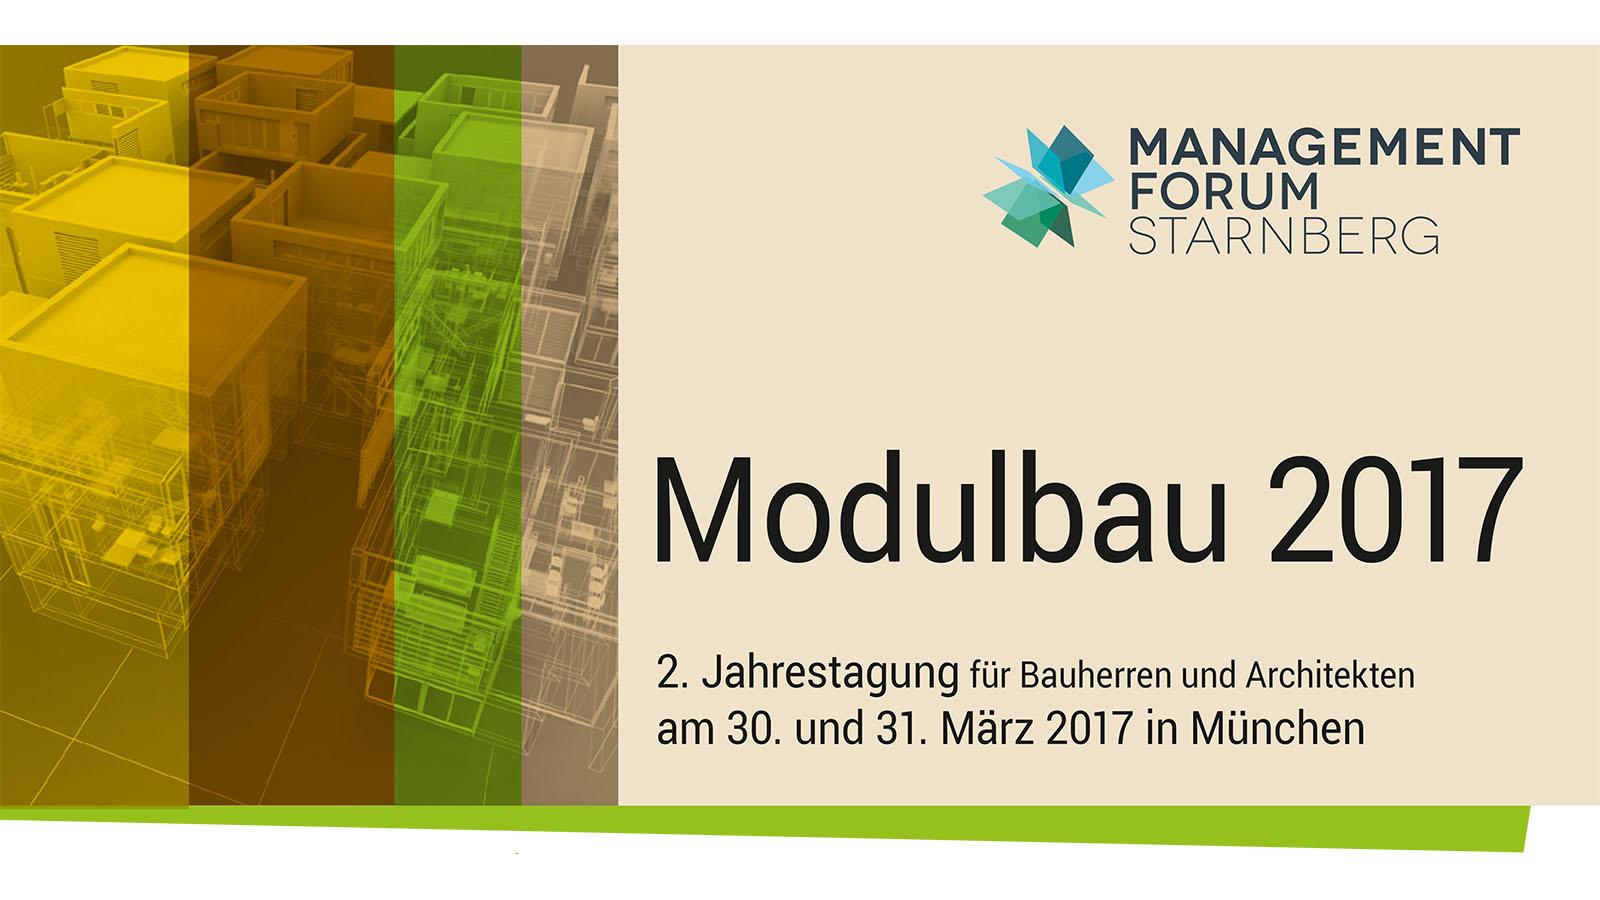 Modulbau2017